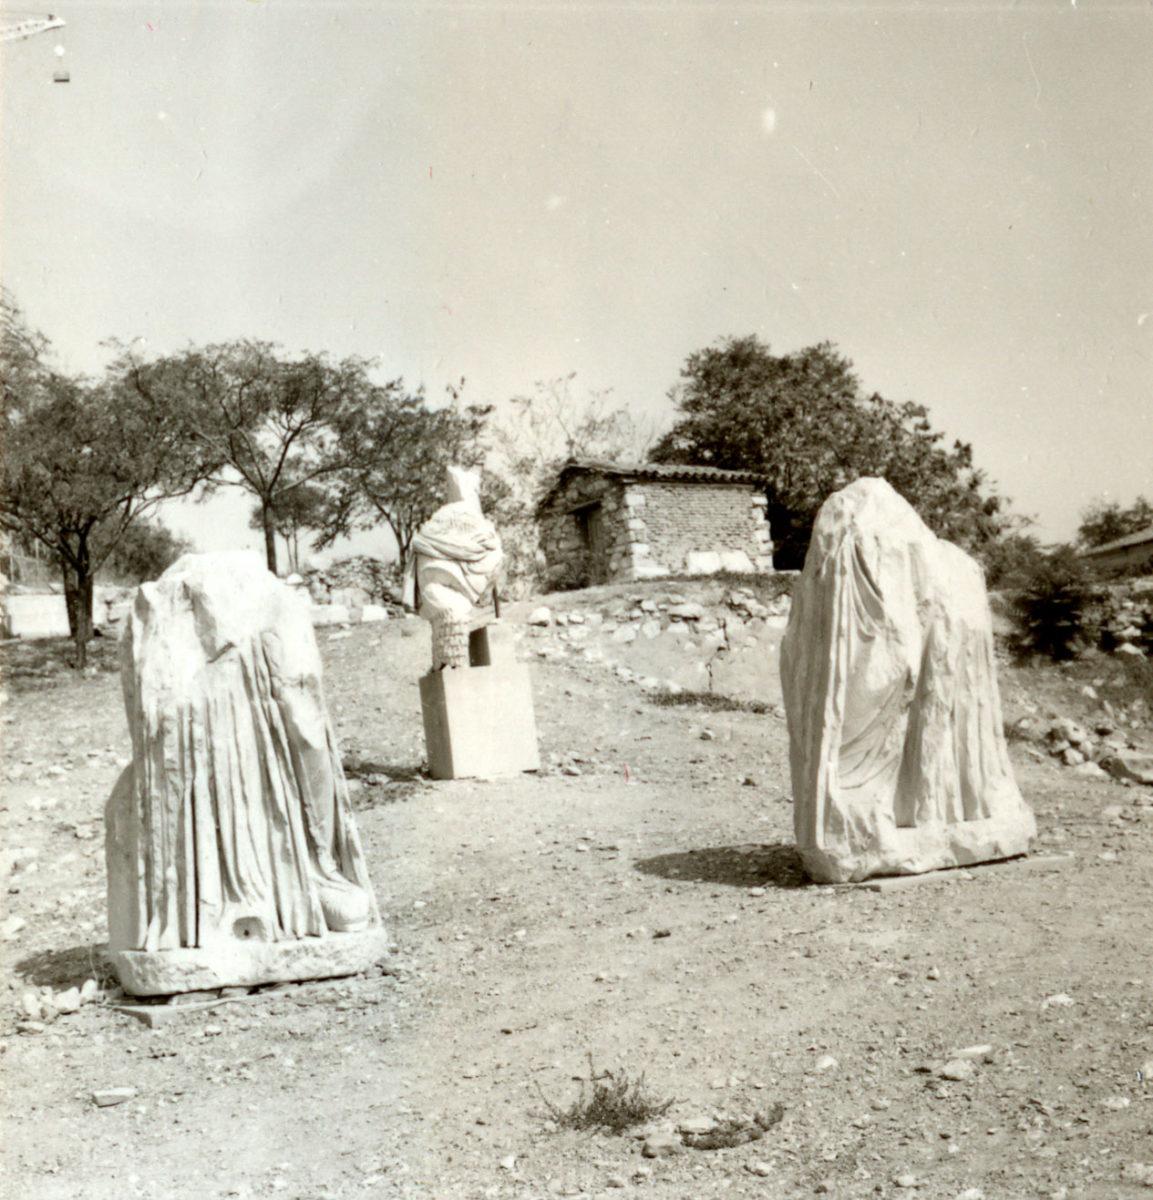 Εικ. 37. Αγάλματα στο Ωδείο του Περικλή, πριν μεταφερθούν στο στέγαστρο.